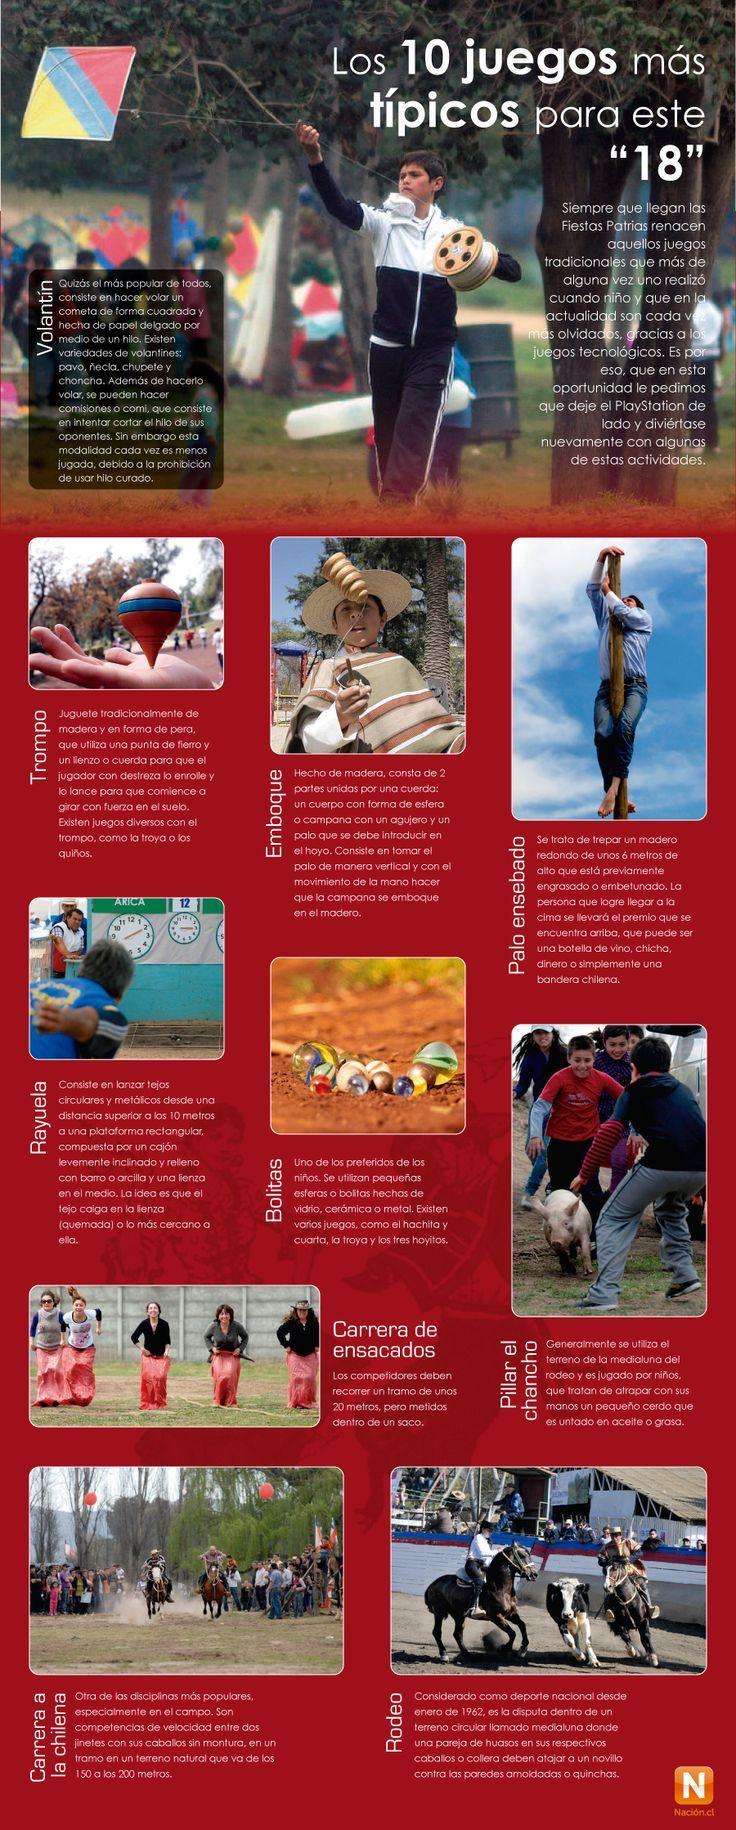 Juegos típicos en Fiestas Patrias, Chile